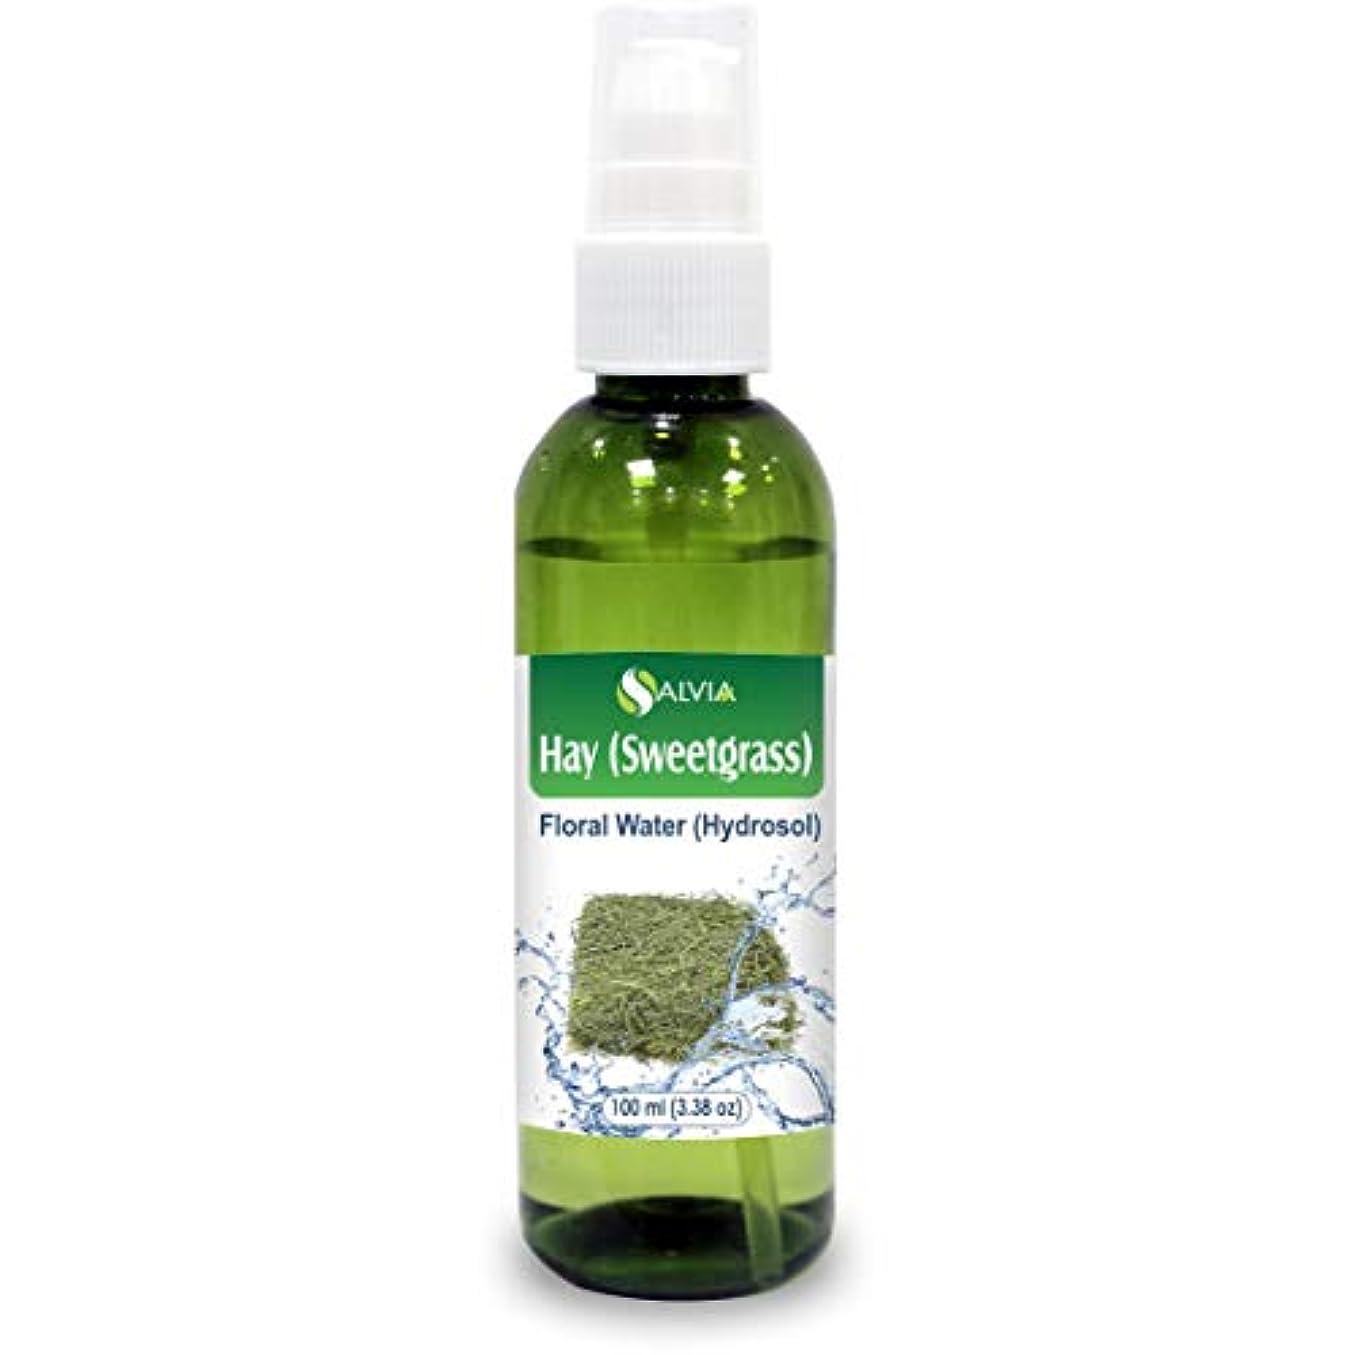 矛盾不一致爆発物Hay (Sweetgrass) Floral Water 100ml (Hydrosol) 100% Pure And Natural